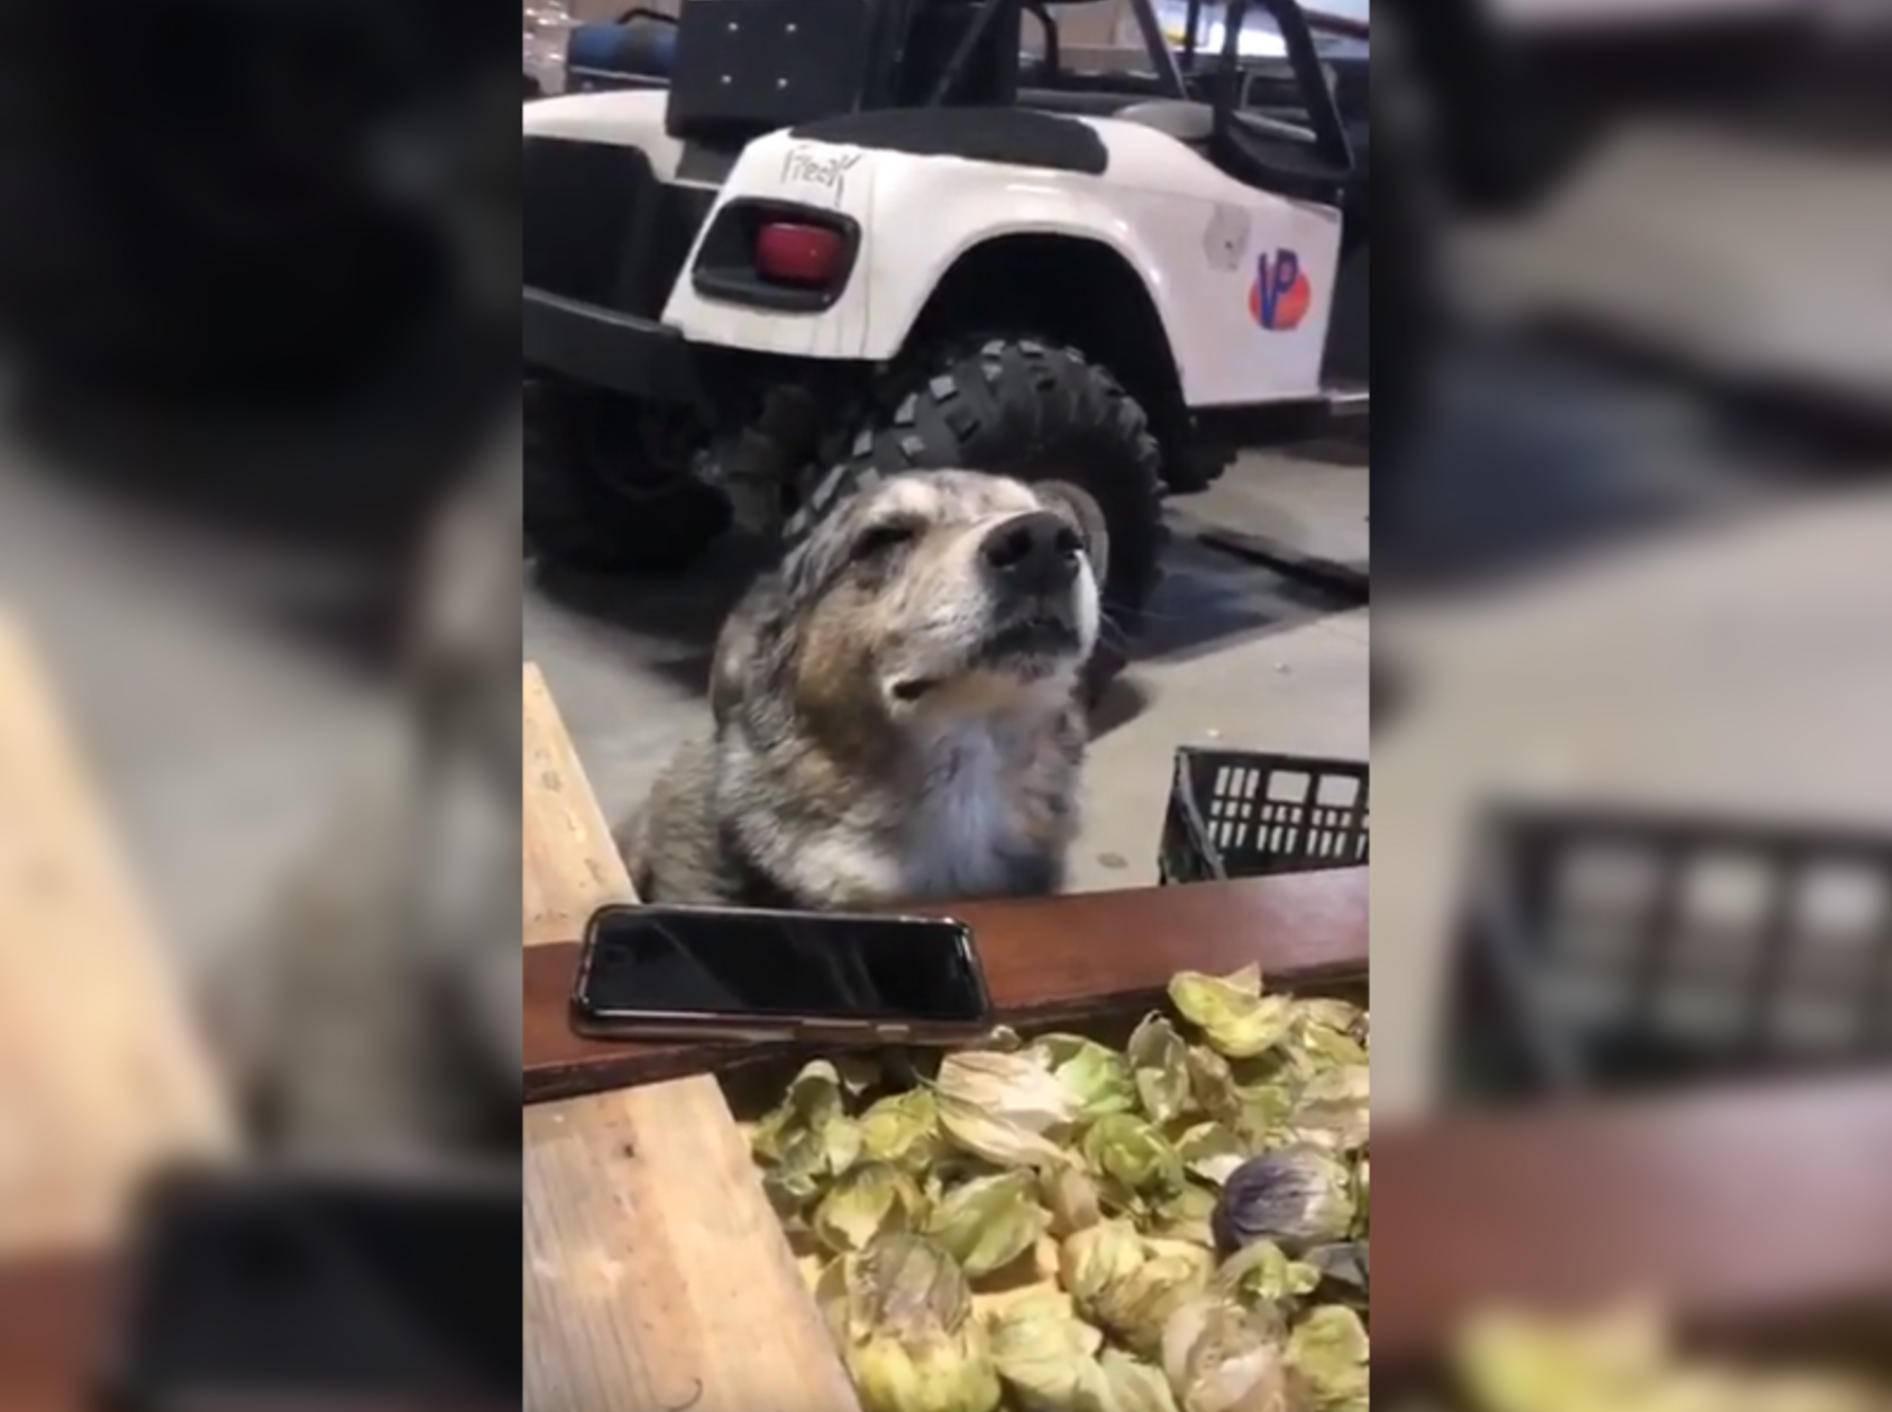 Hund Chasimo scheint die Musik zu fühlen - Bild: YouTube / Twitter Clips